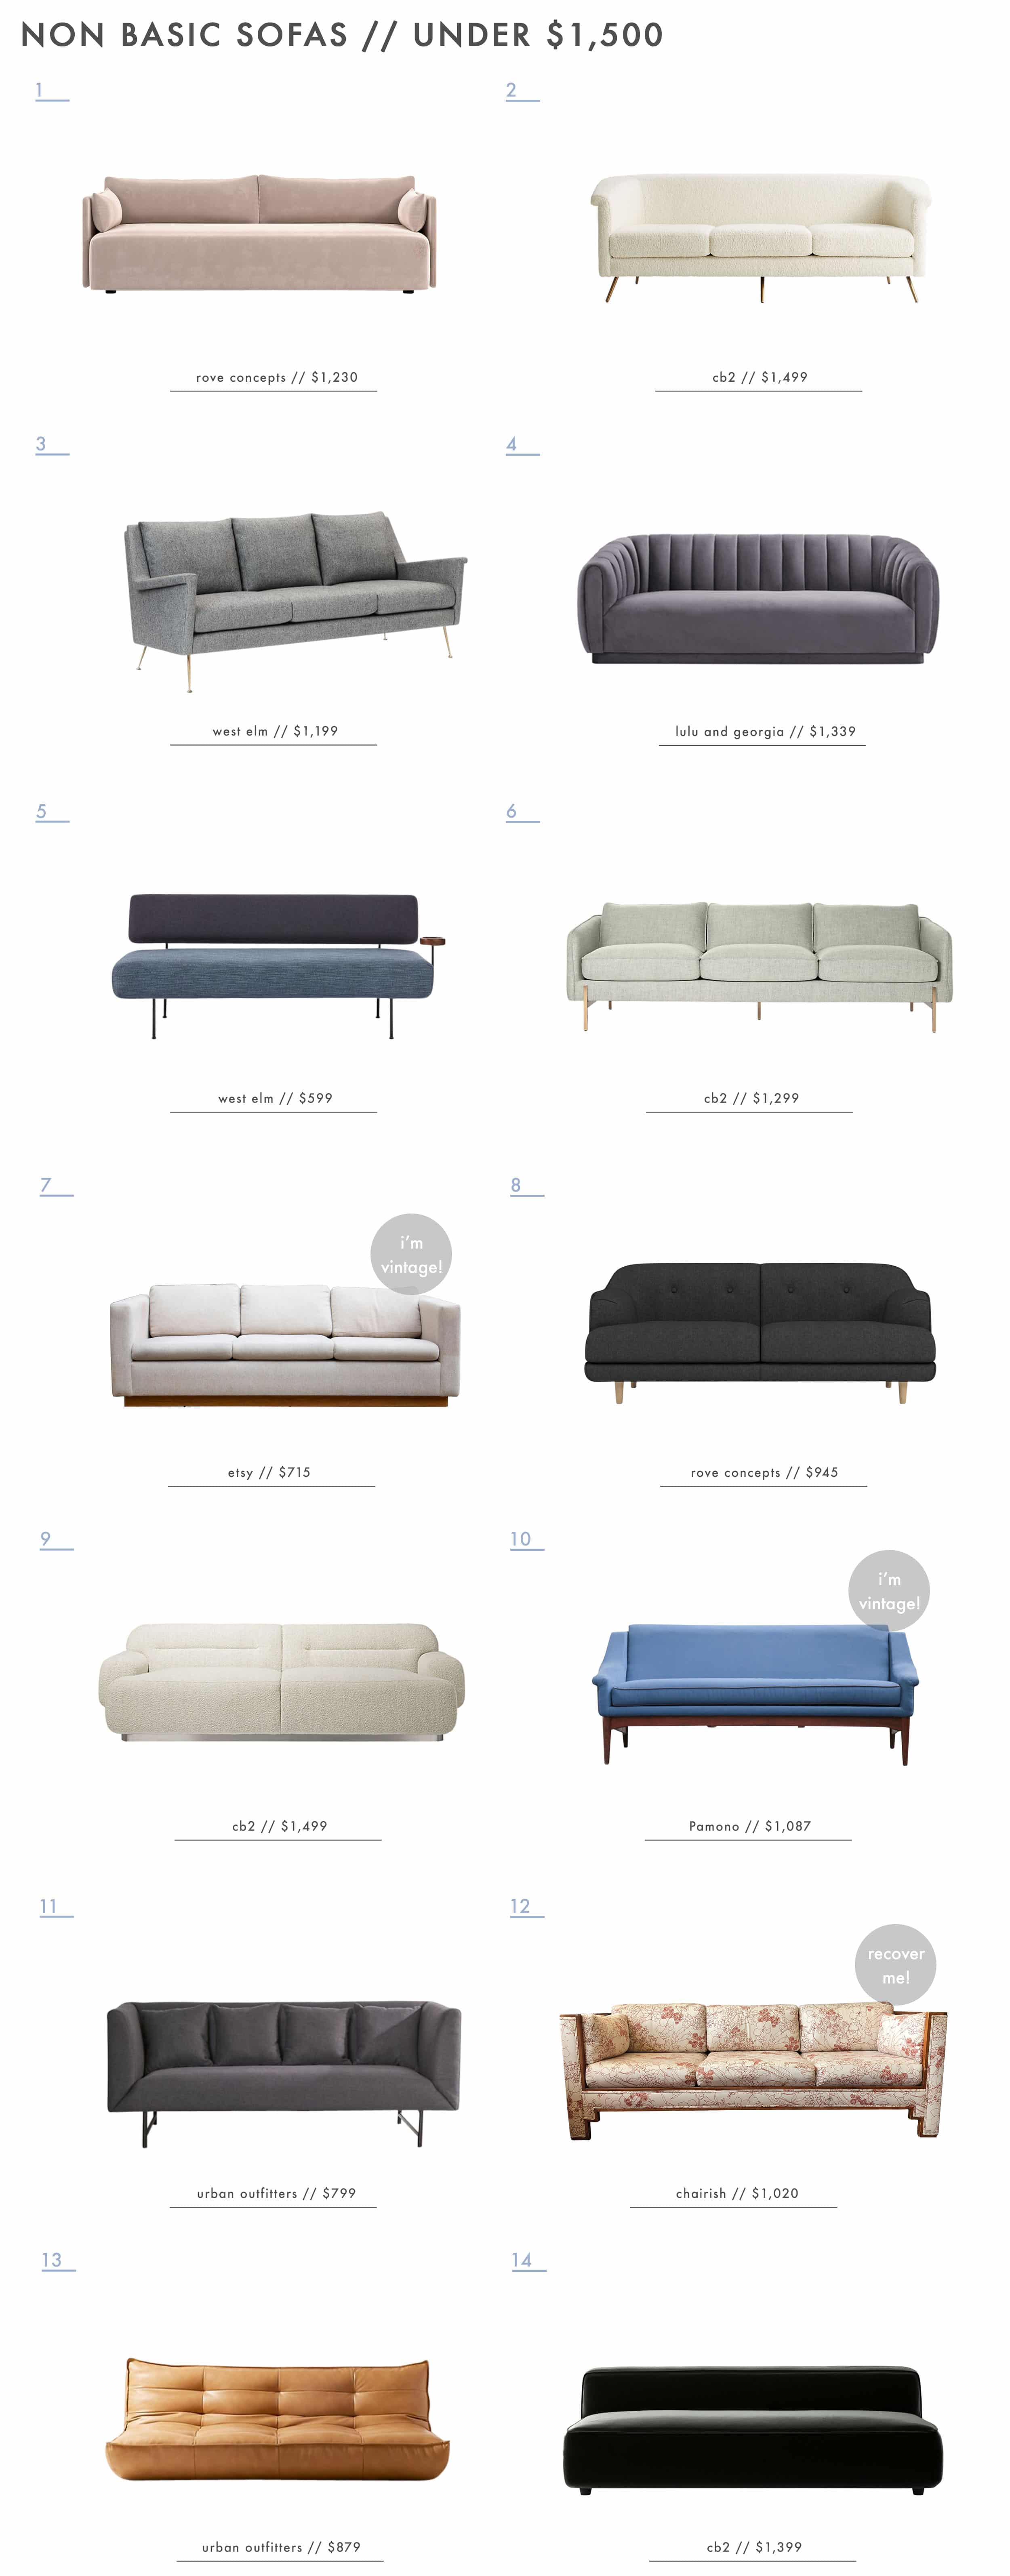 Emily Henderson Non Basic Sofas Under $1500 2 Across